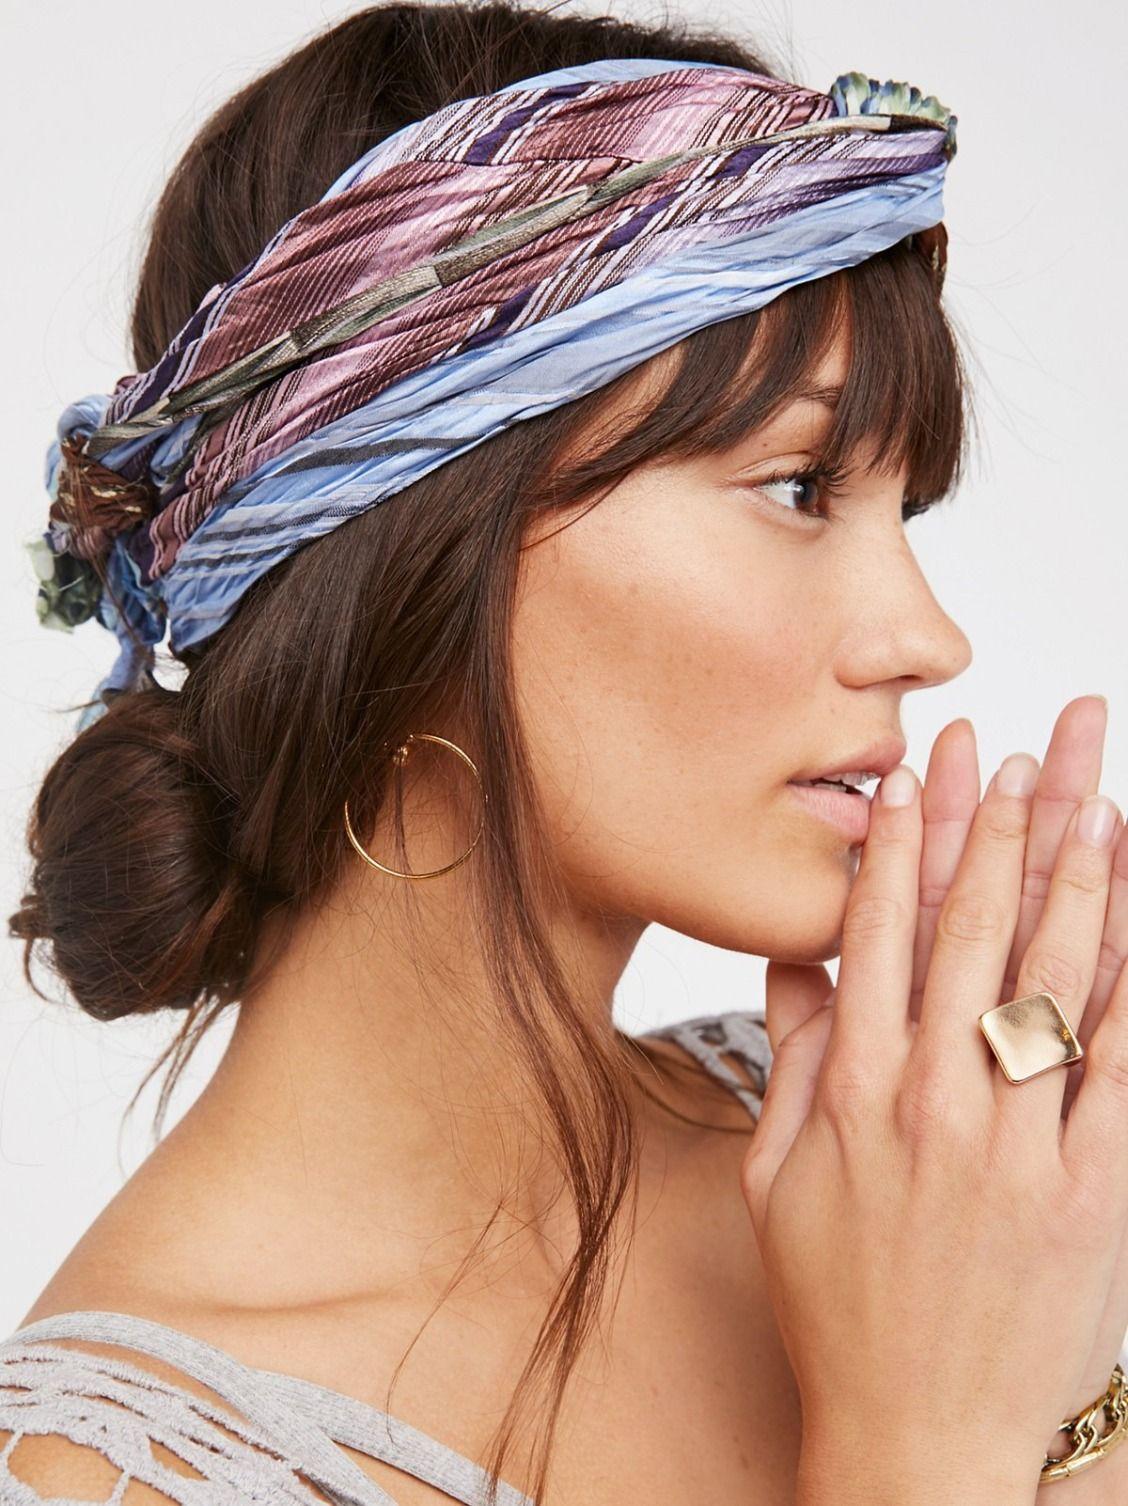 Vintage Silk Short Tie Skinny Scarf Scarf Hairstyles Skinny Scarves Belle Hairstyle